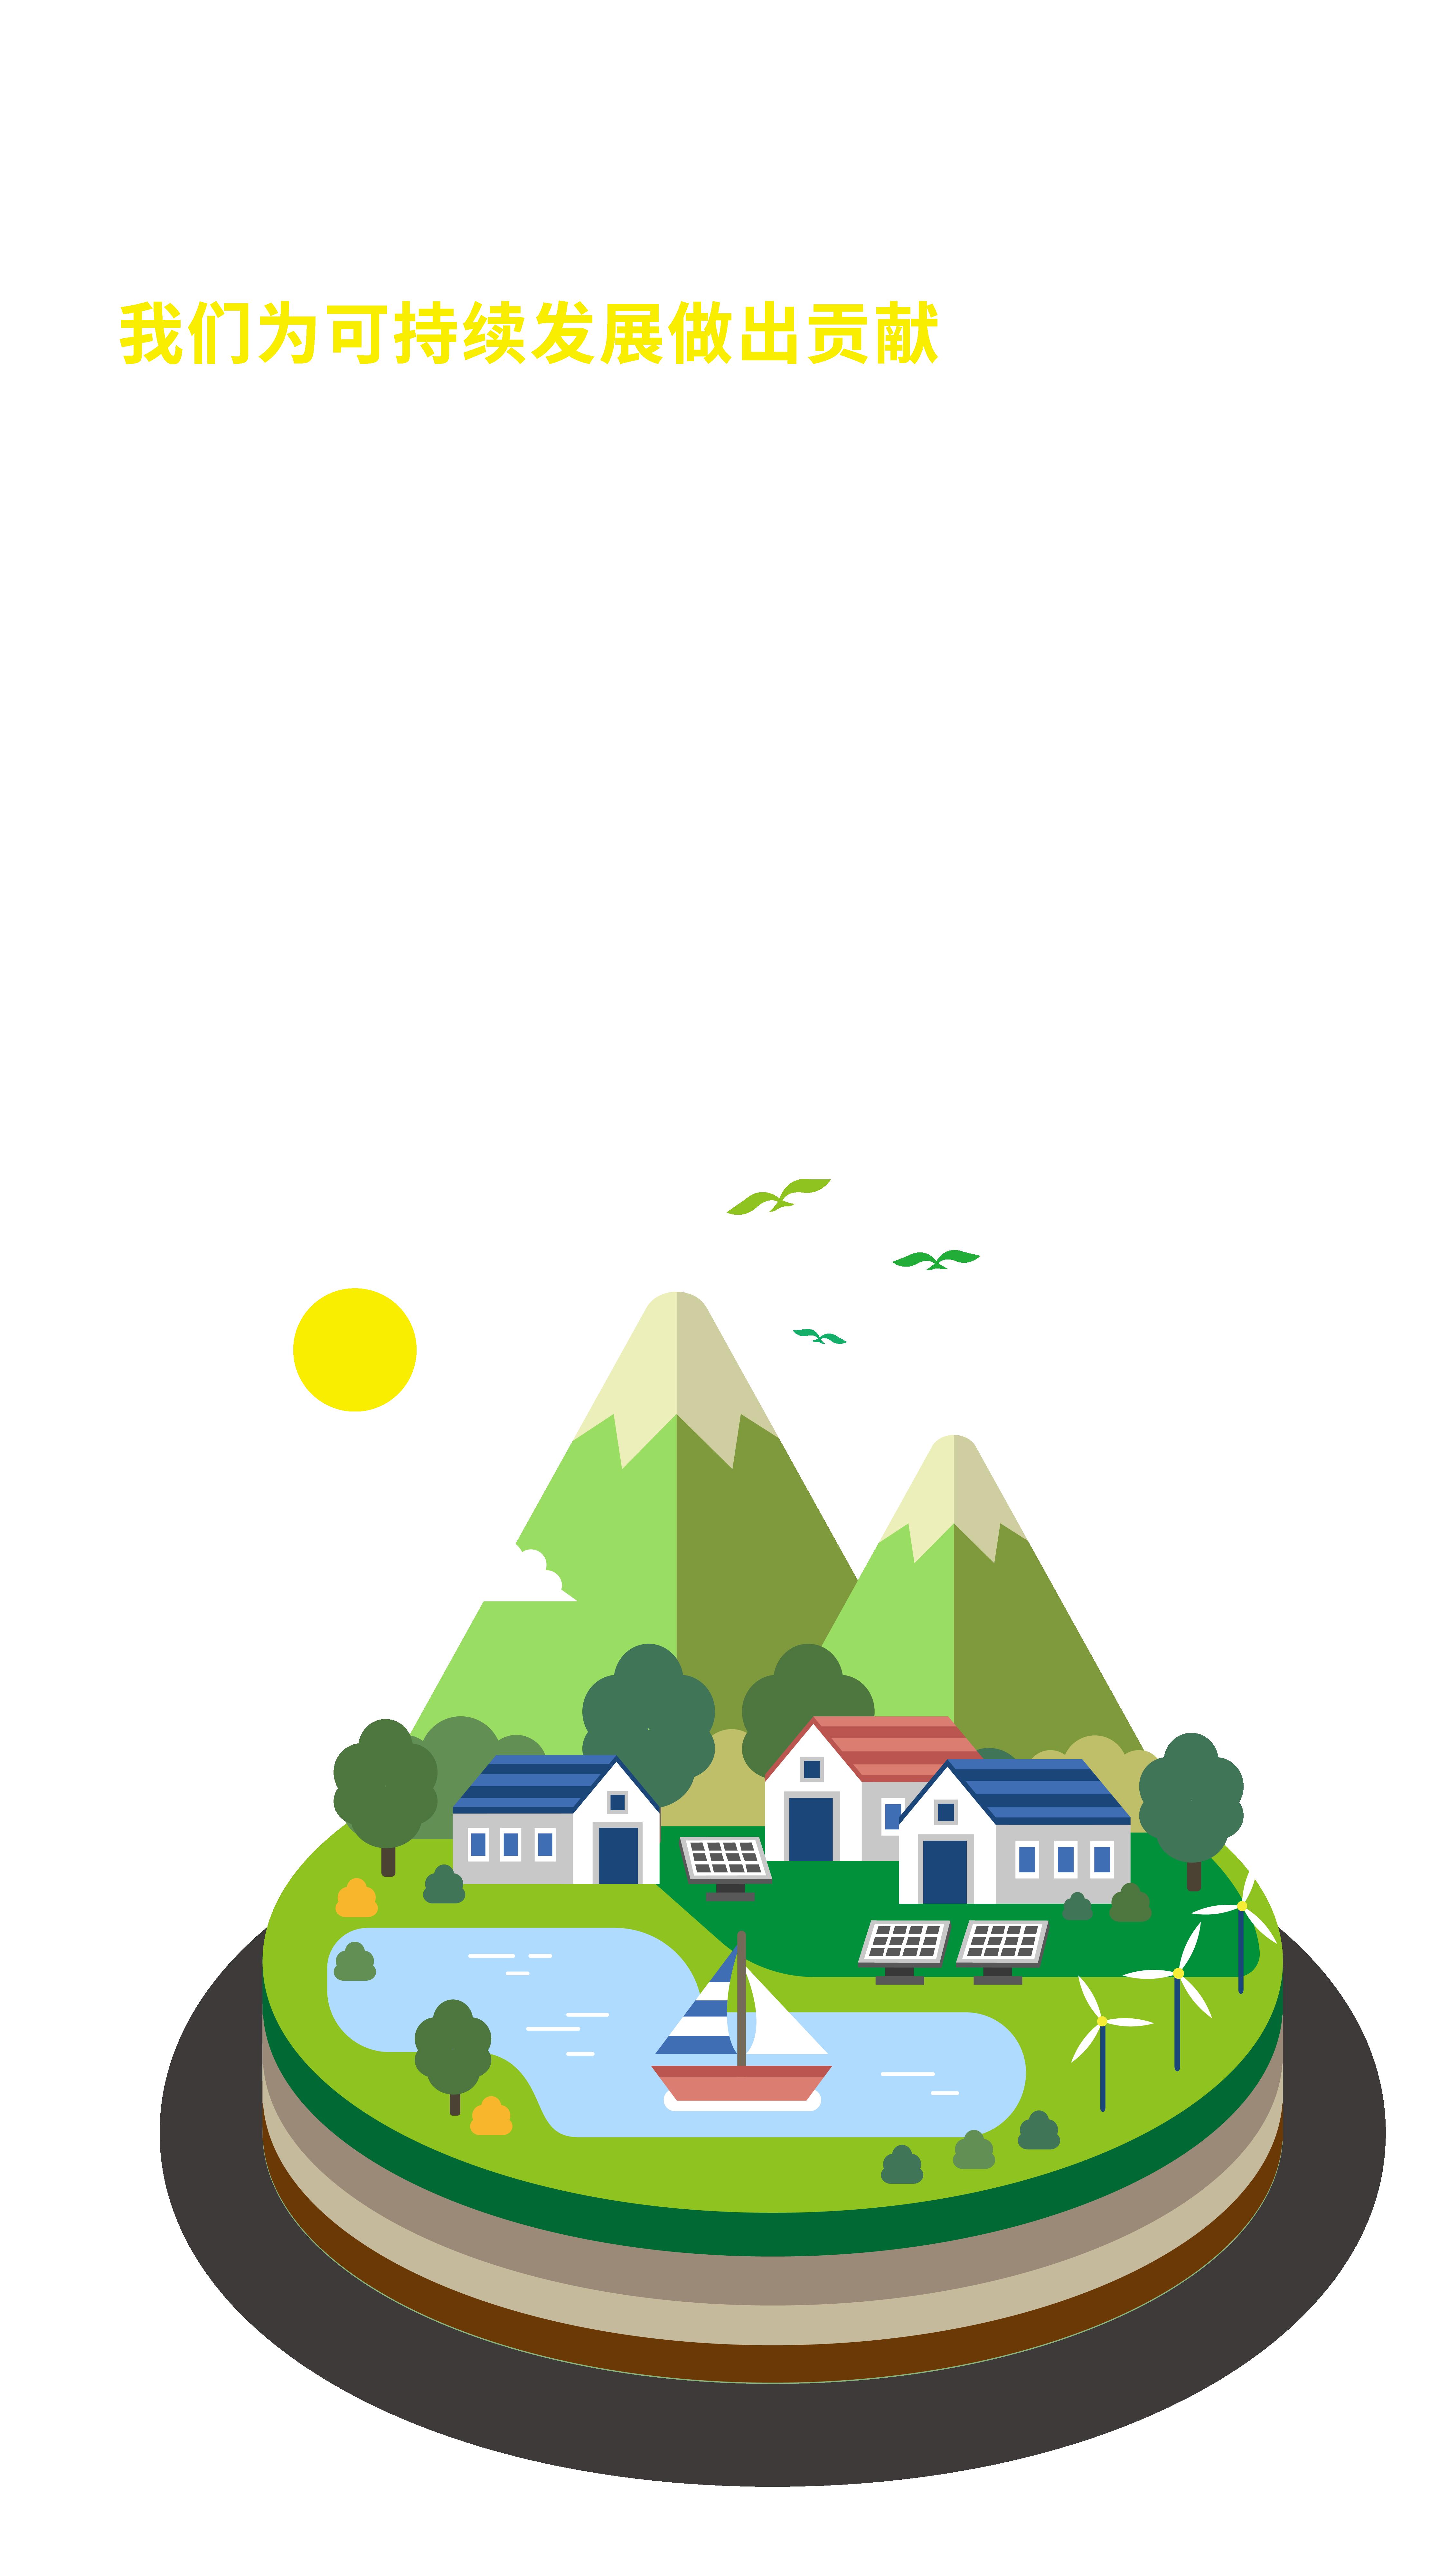 元一能源2018年度报告手机海报-06